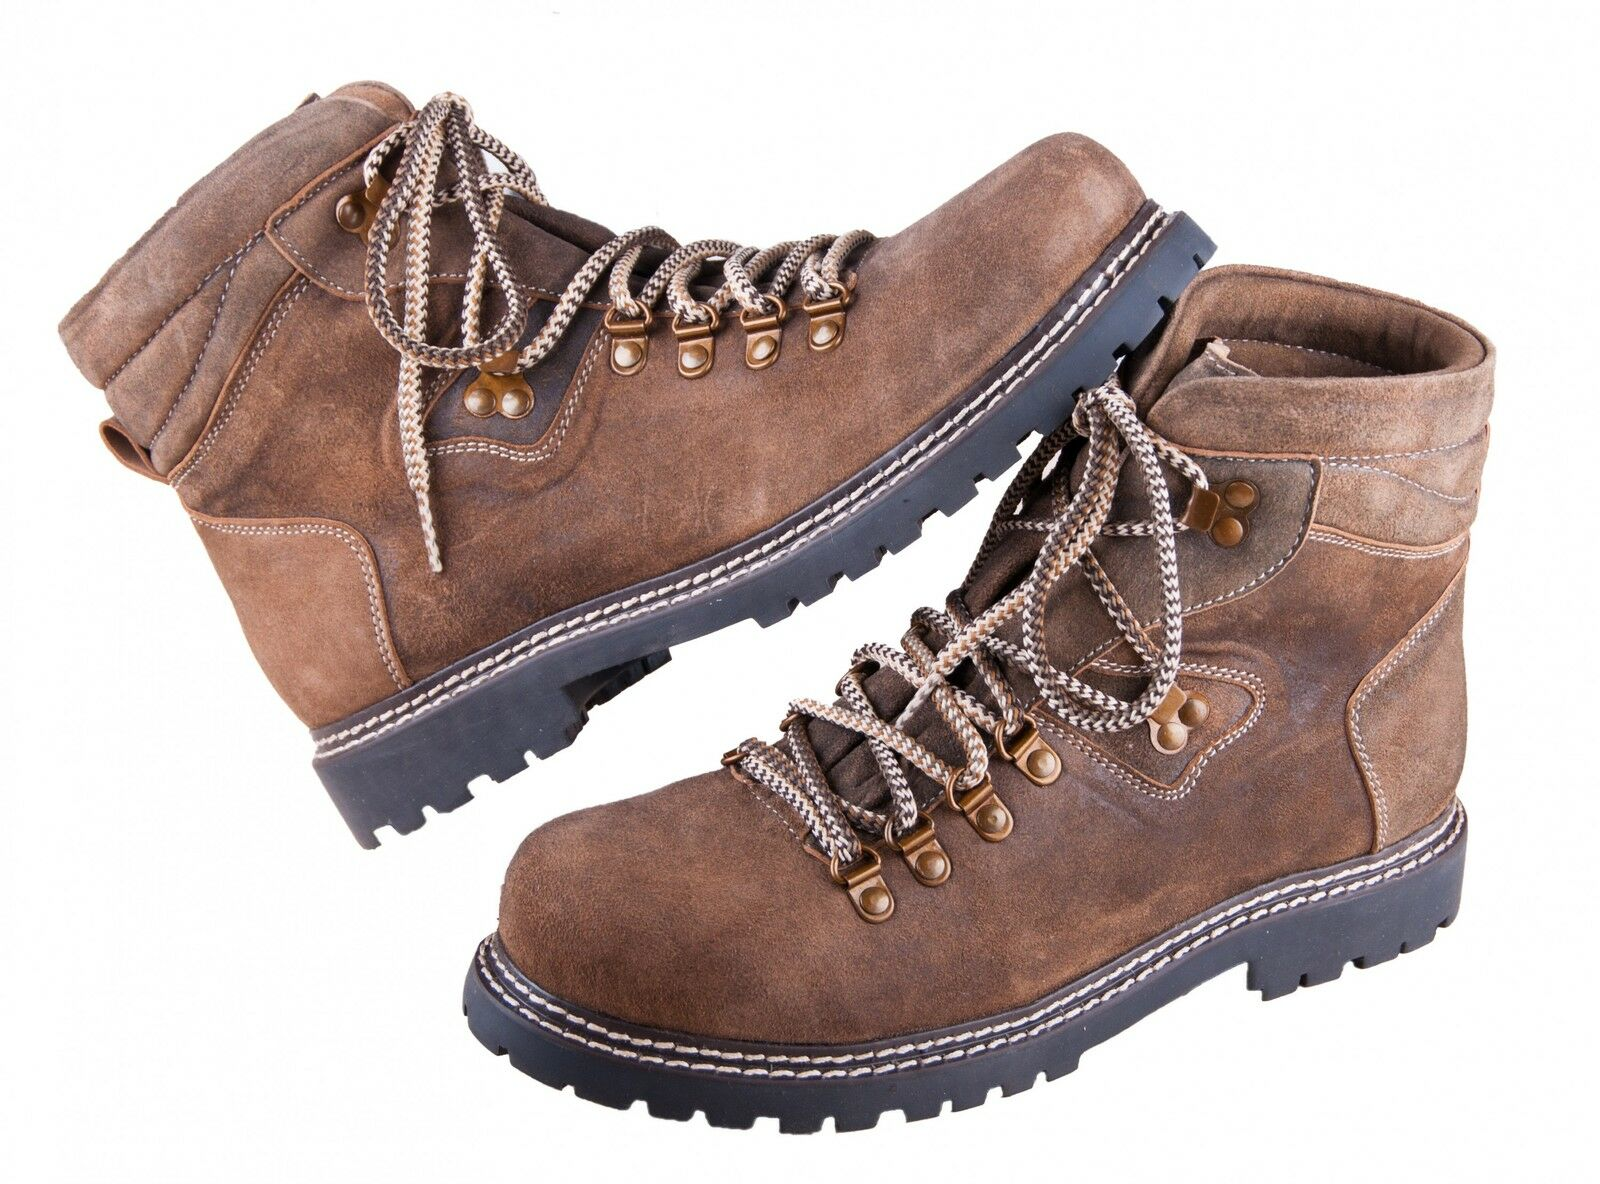 Scarpe casual da uomo  Almwerk Uomo Trachten montagna escursioni a piedi scarpa 102 Nuovo In Marrone/Oliva